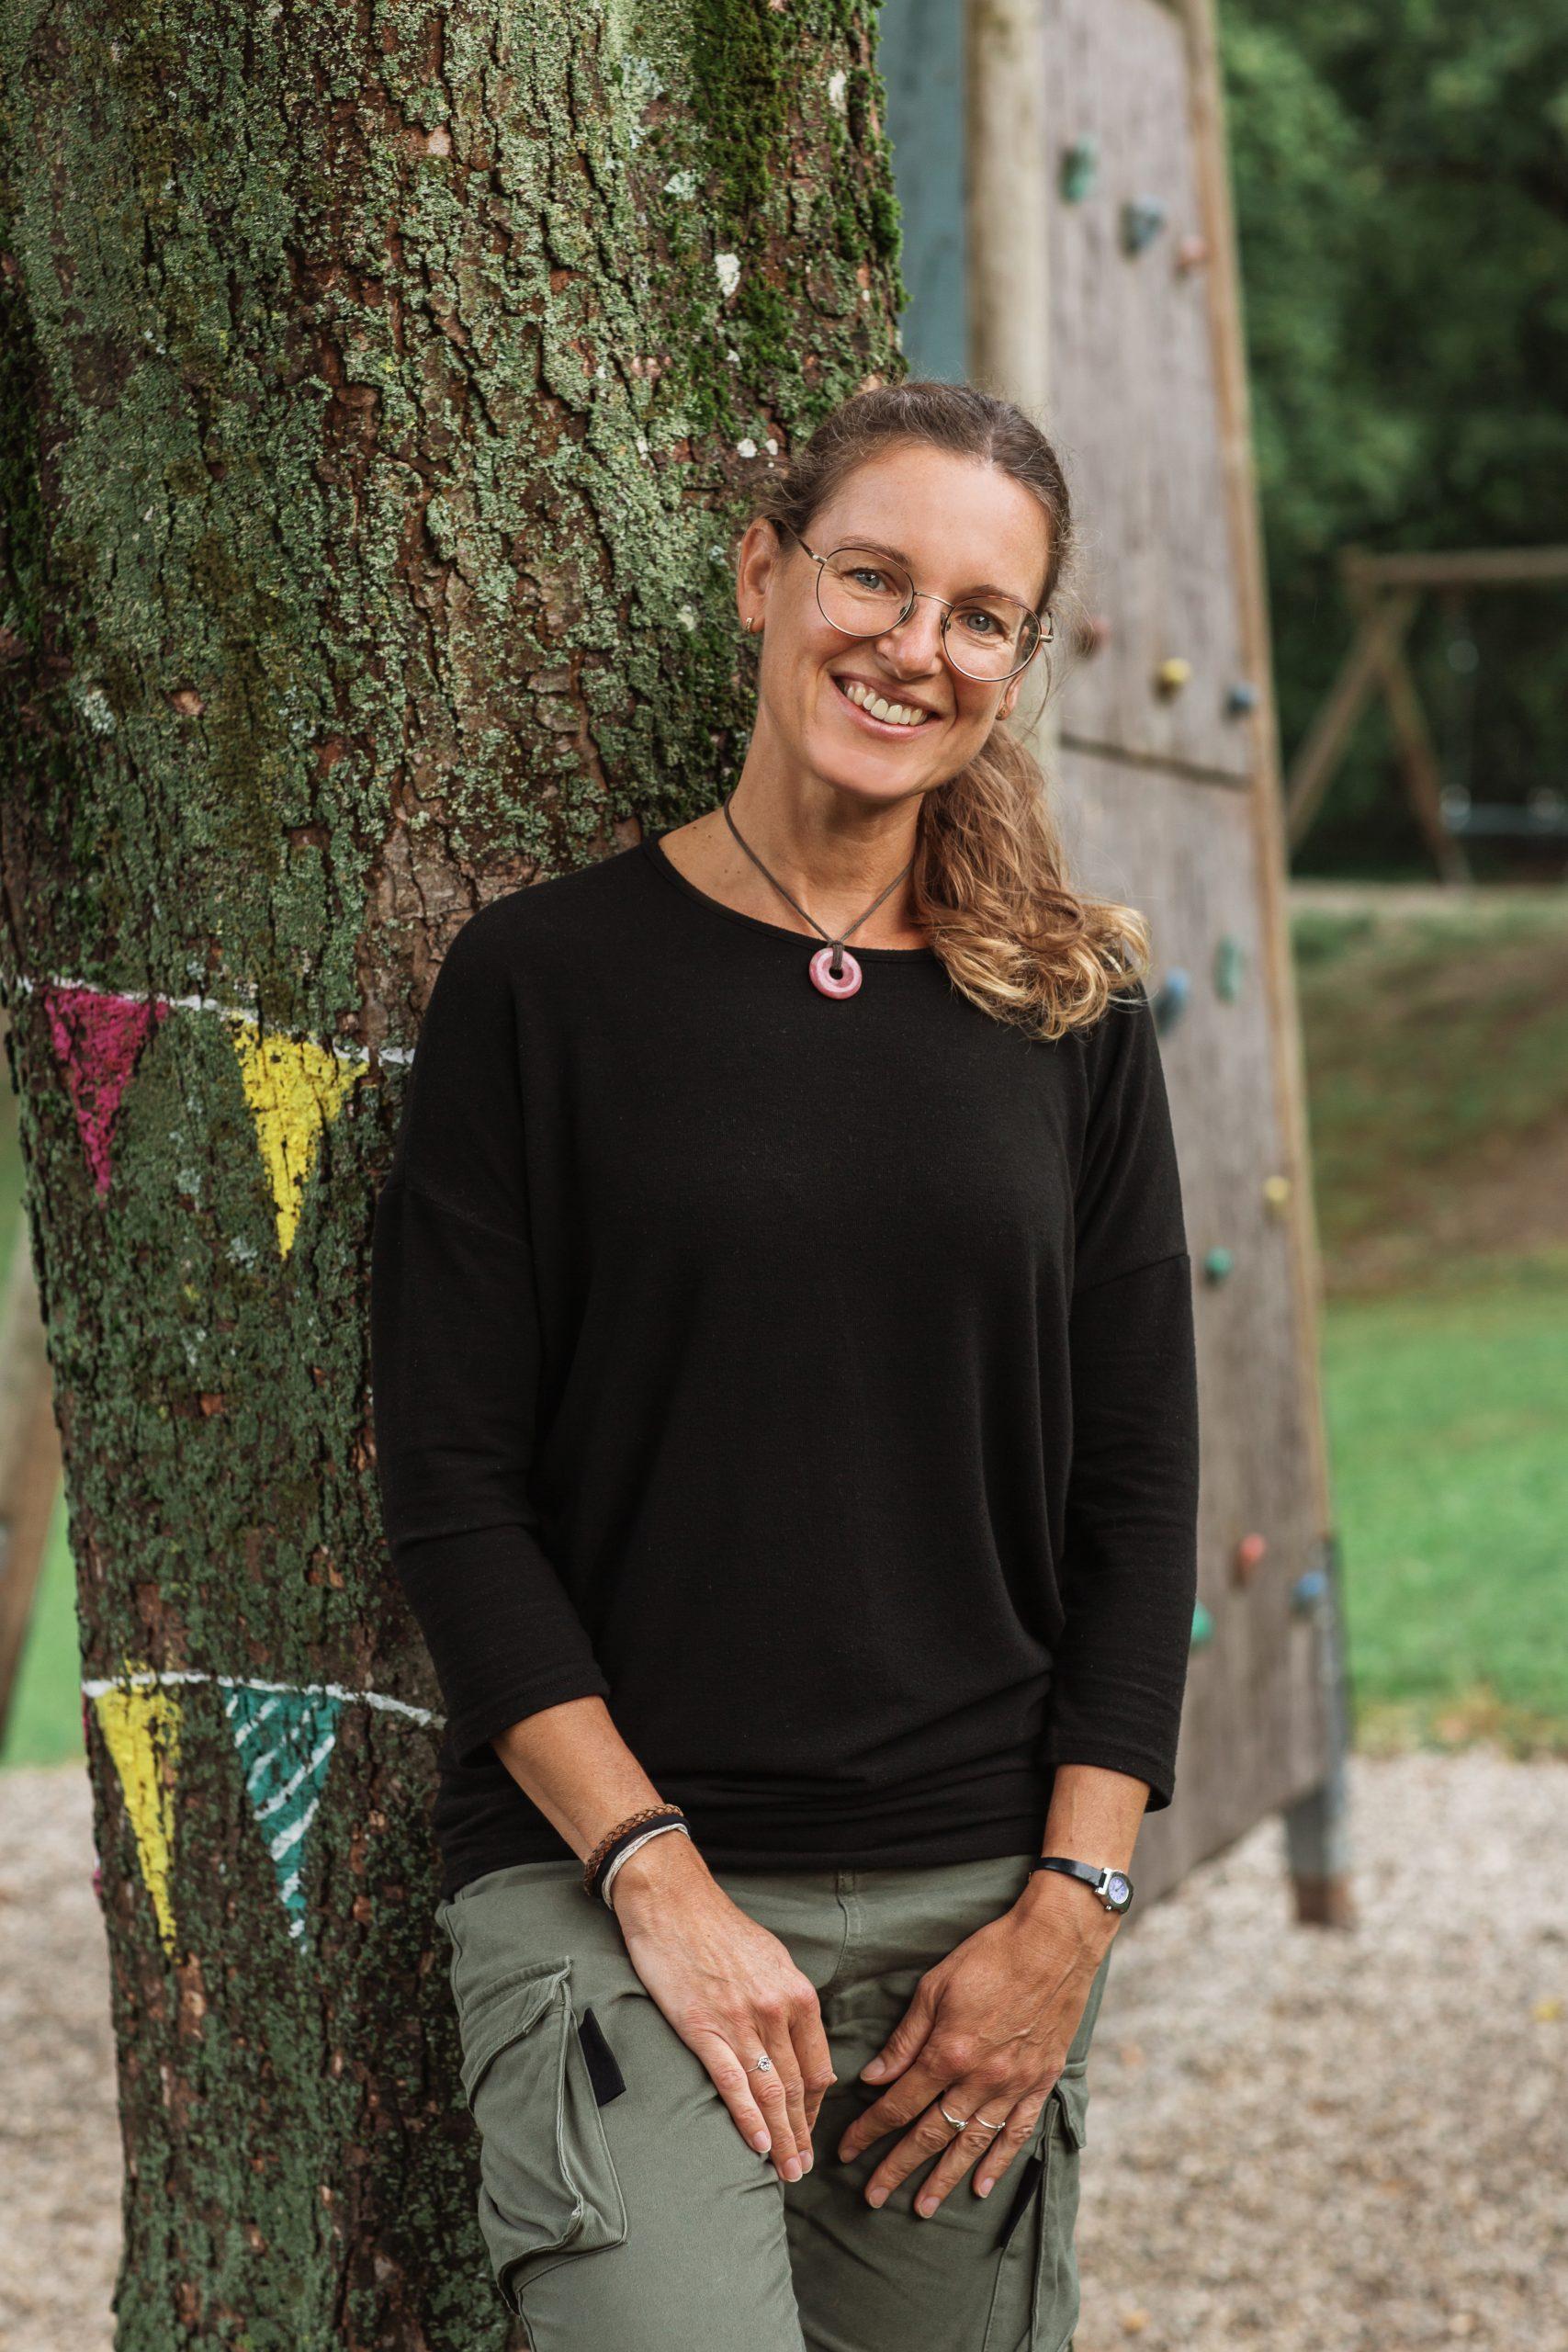 Andrea Ormandi